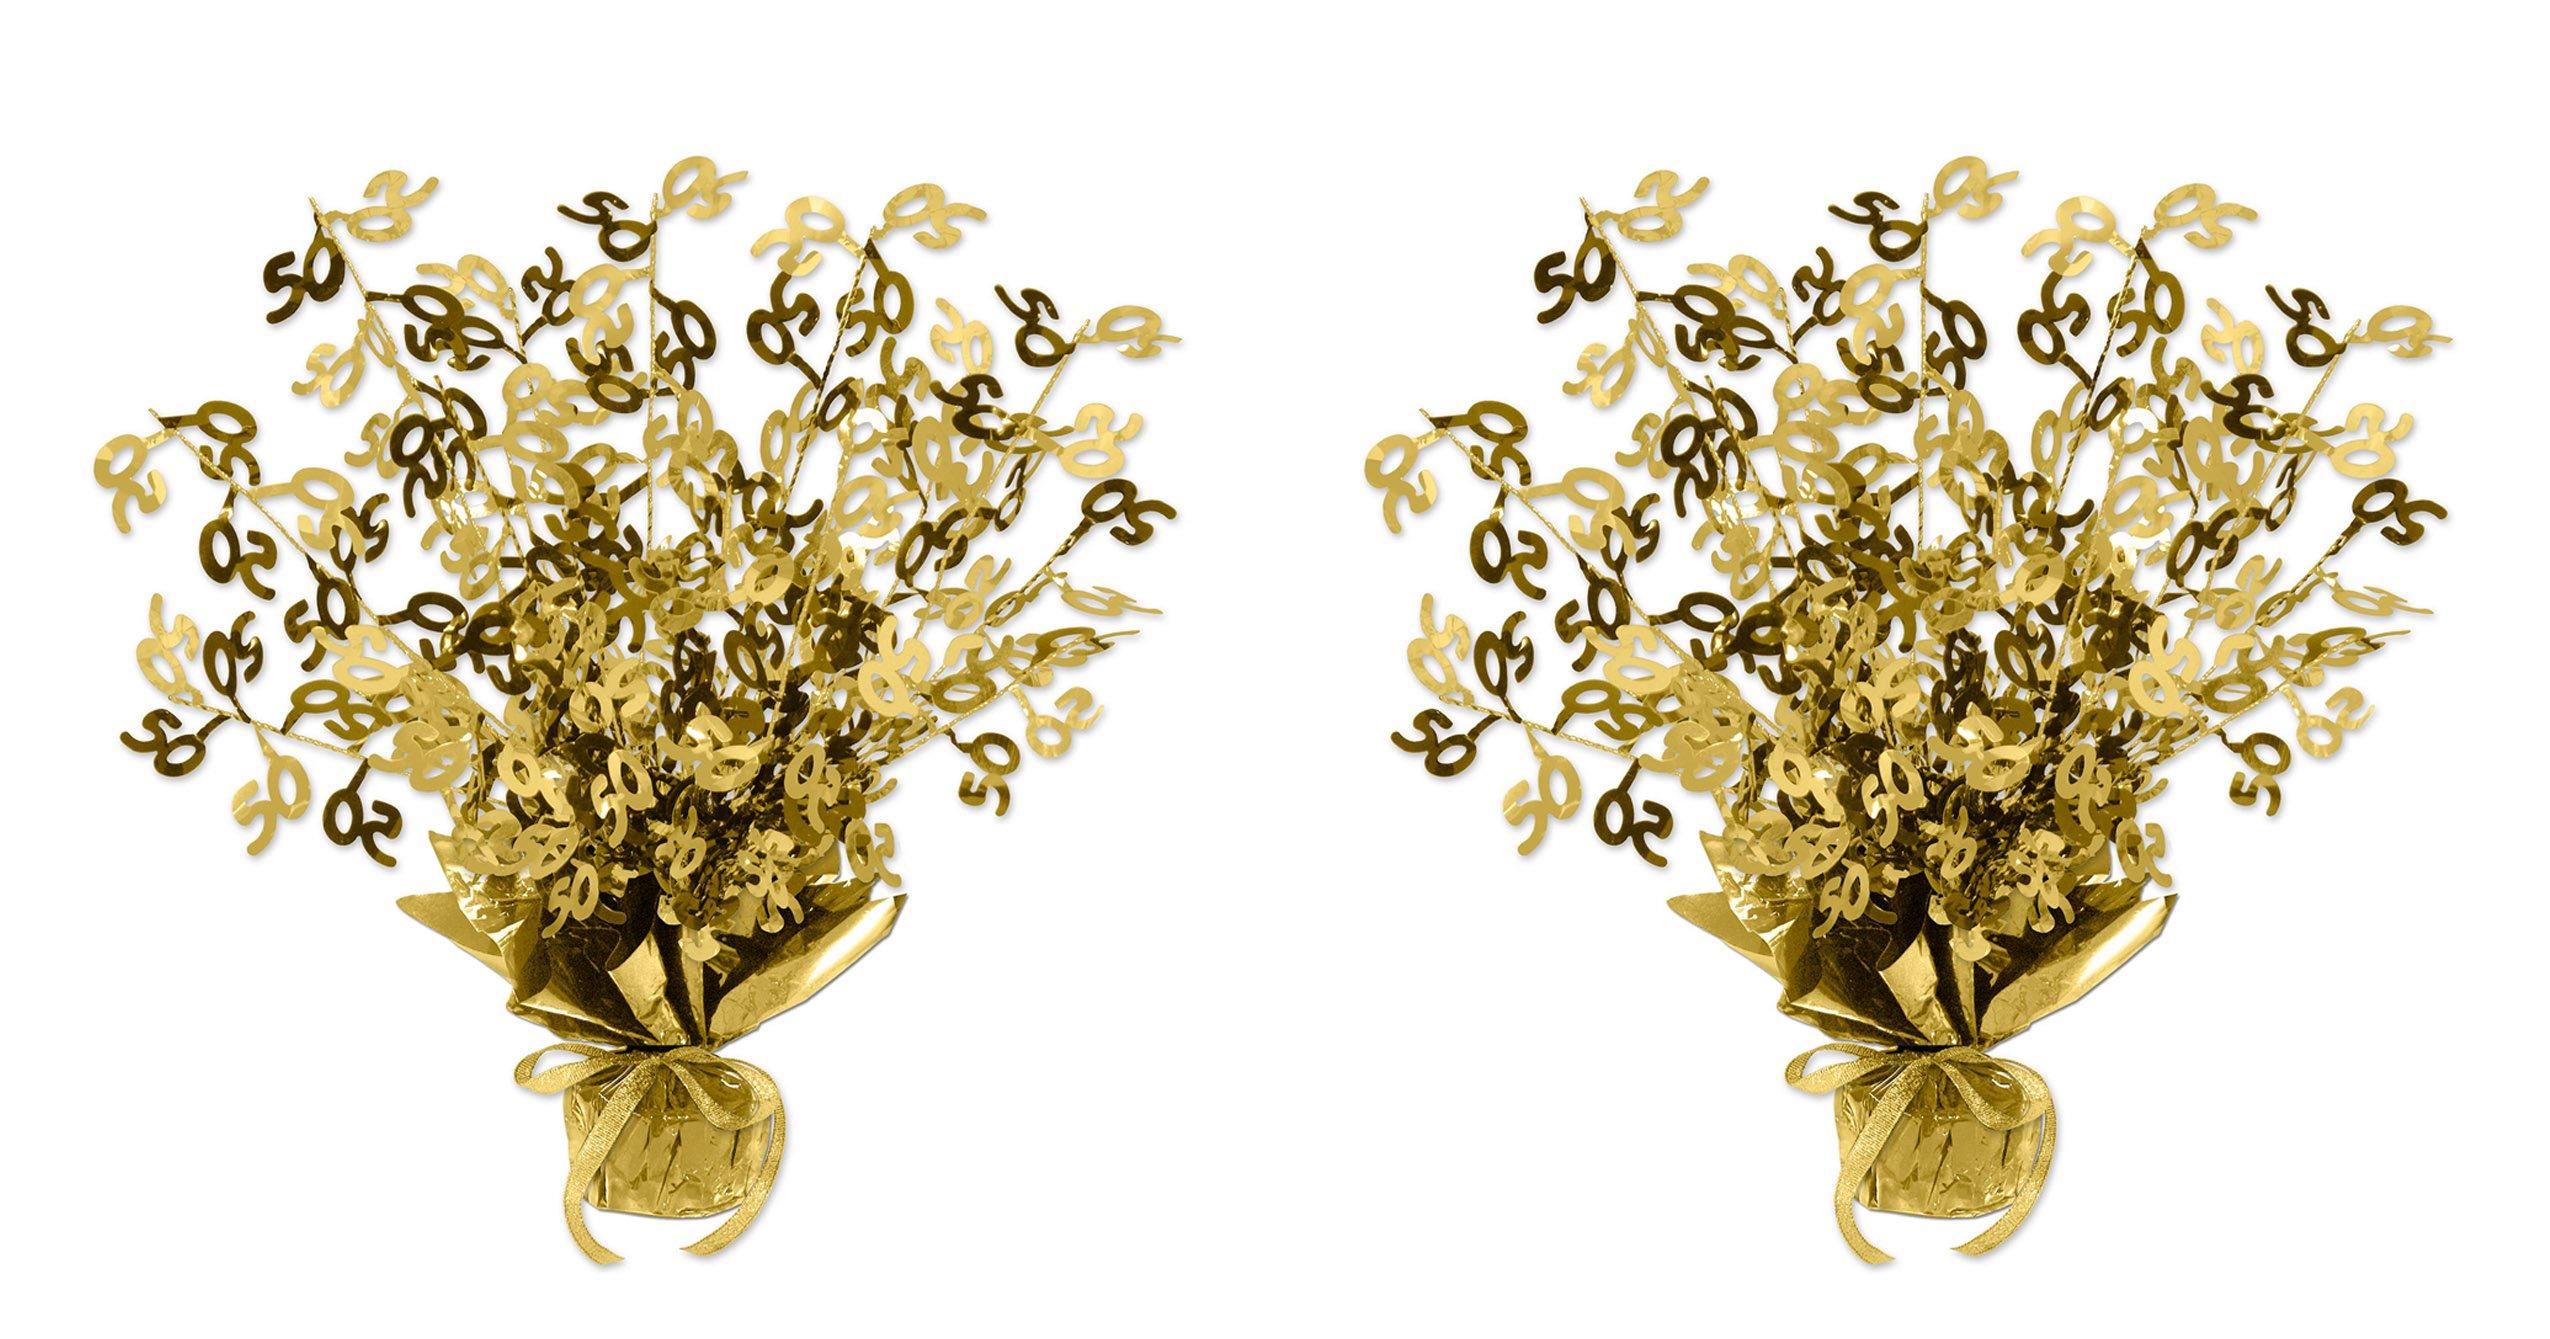 Beistle S54280-GDAZ2 50 Gleam 'N Burst Centerpiece 2 Piece, Gold by Beistle